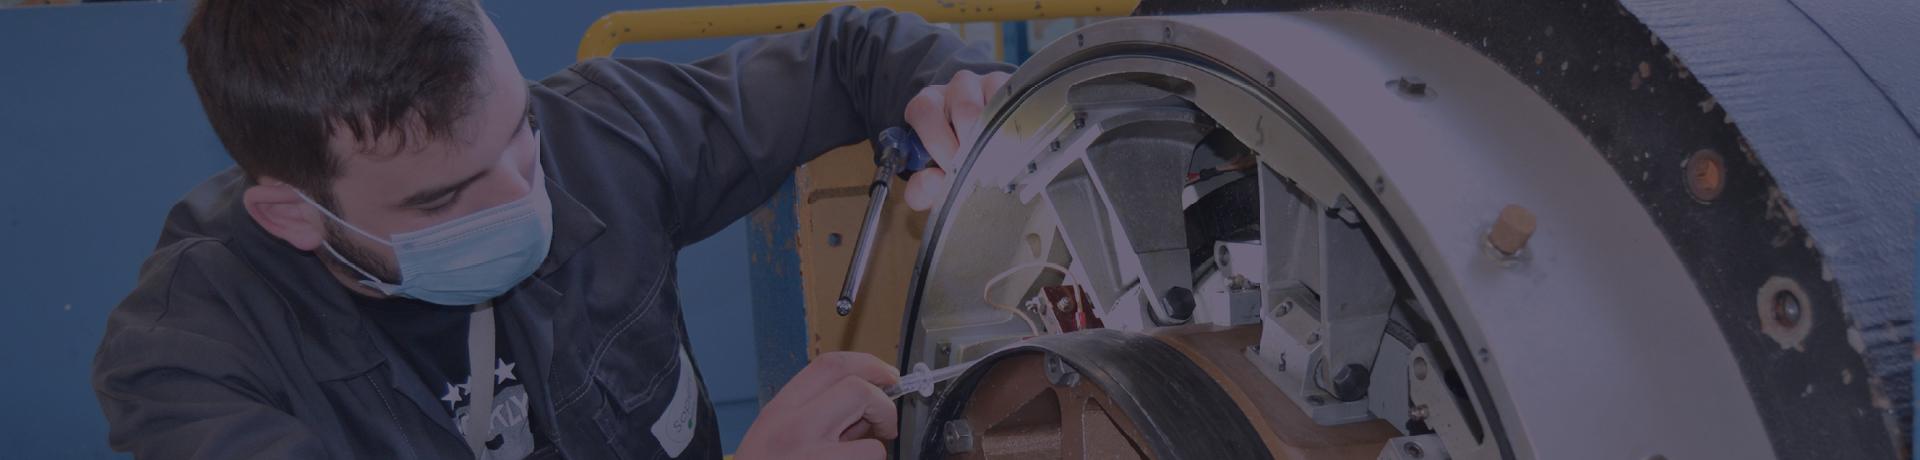 Un technicien de maintenance travaillant sur un générateur électrodynamique